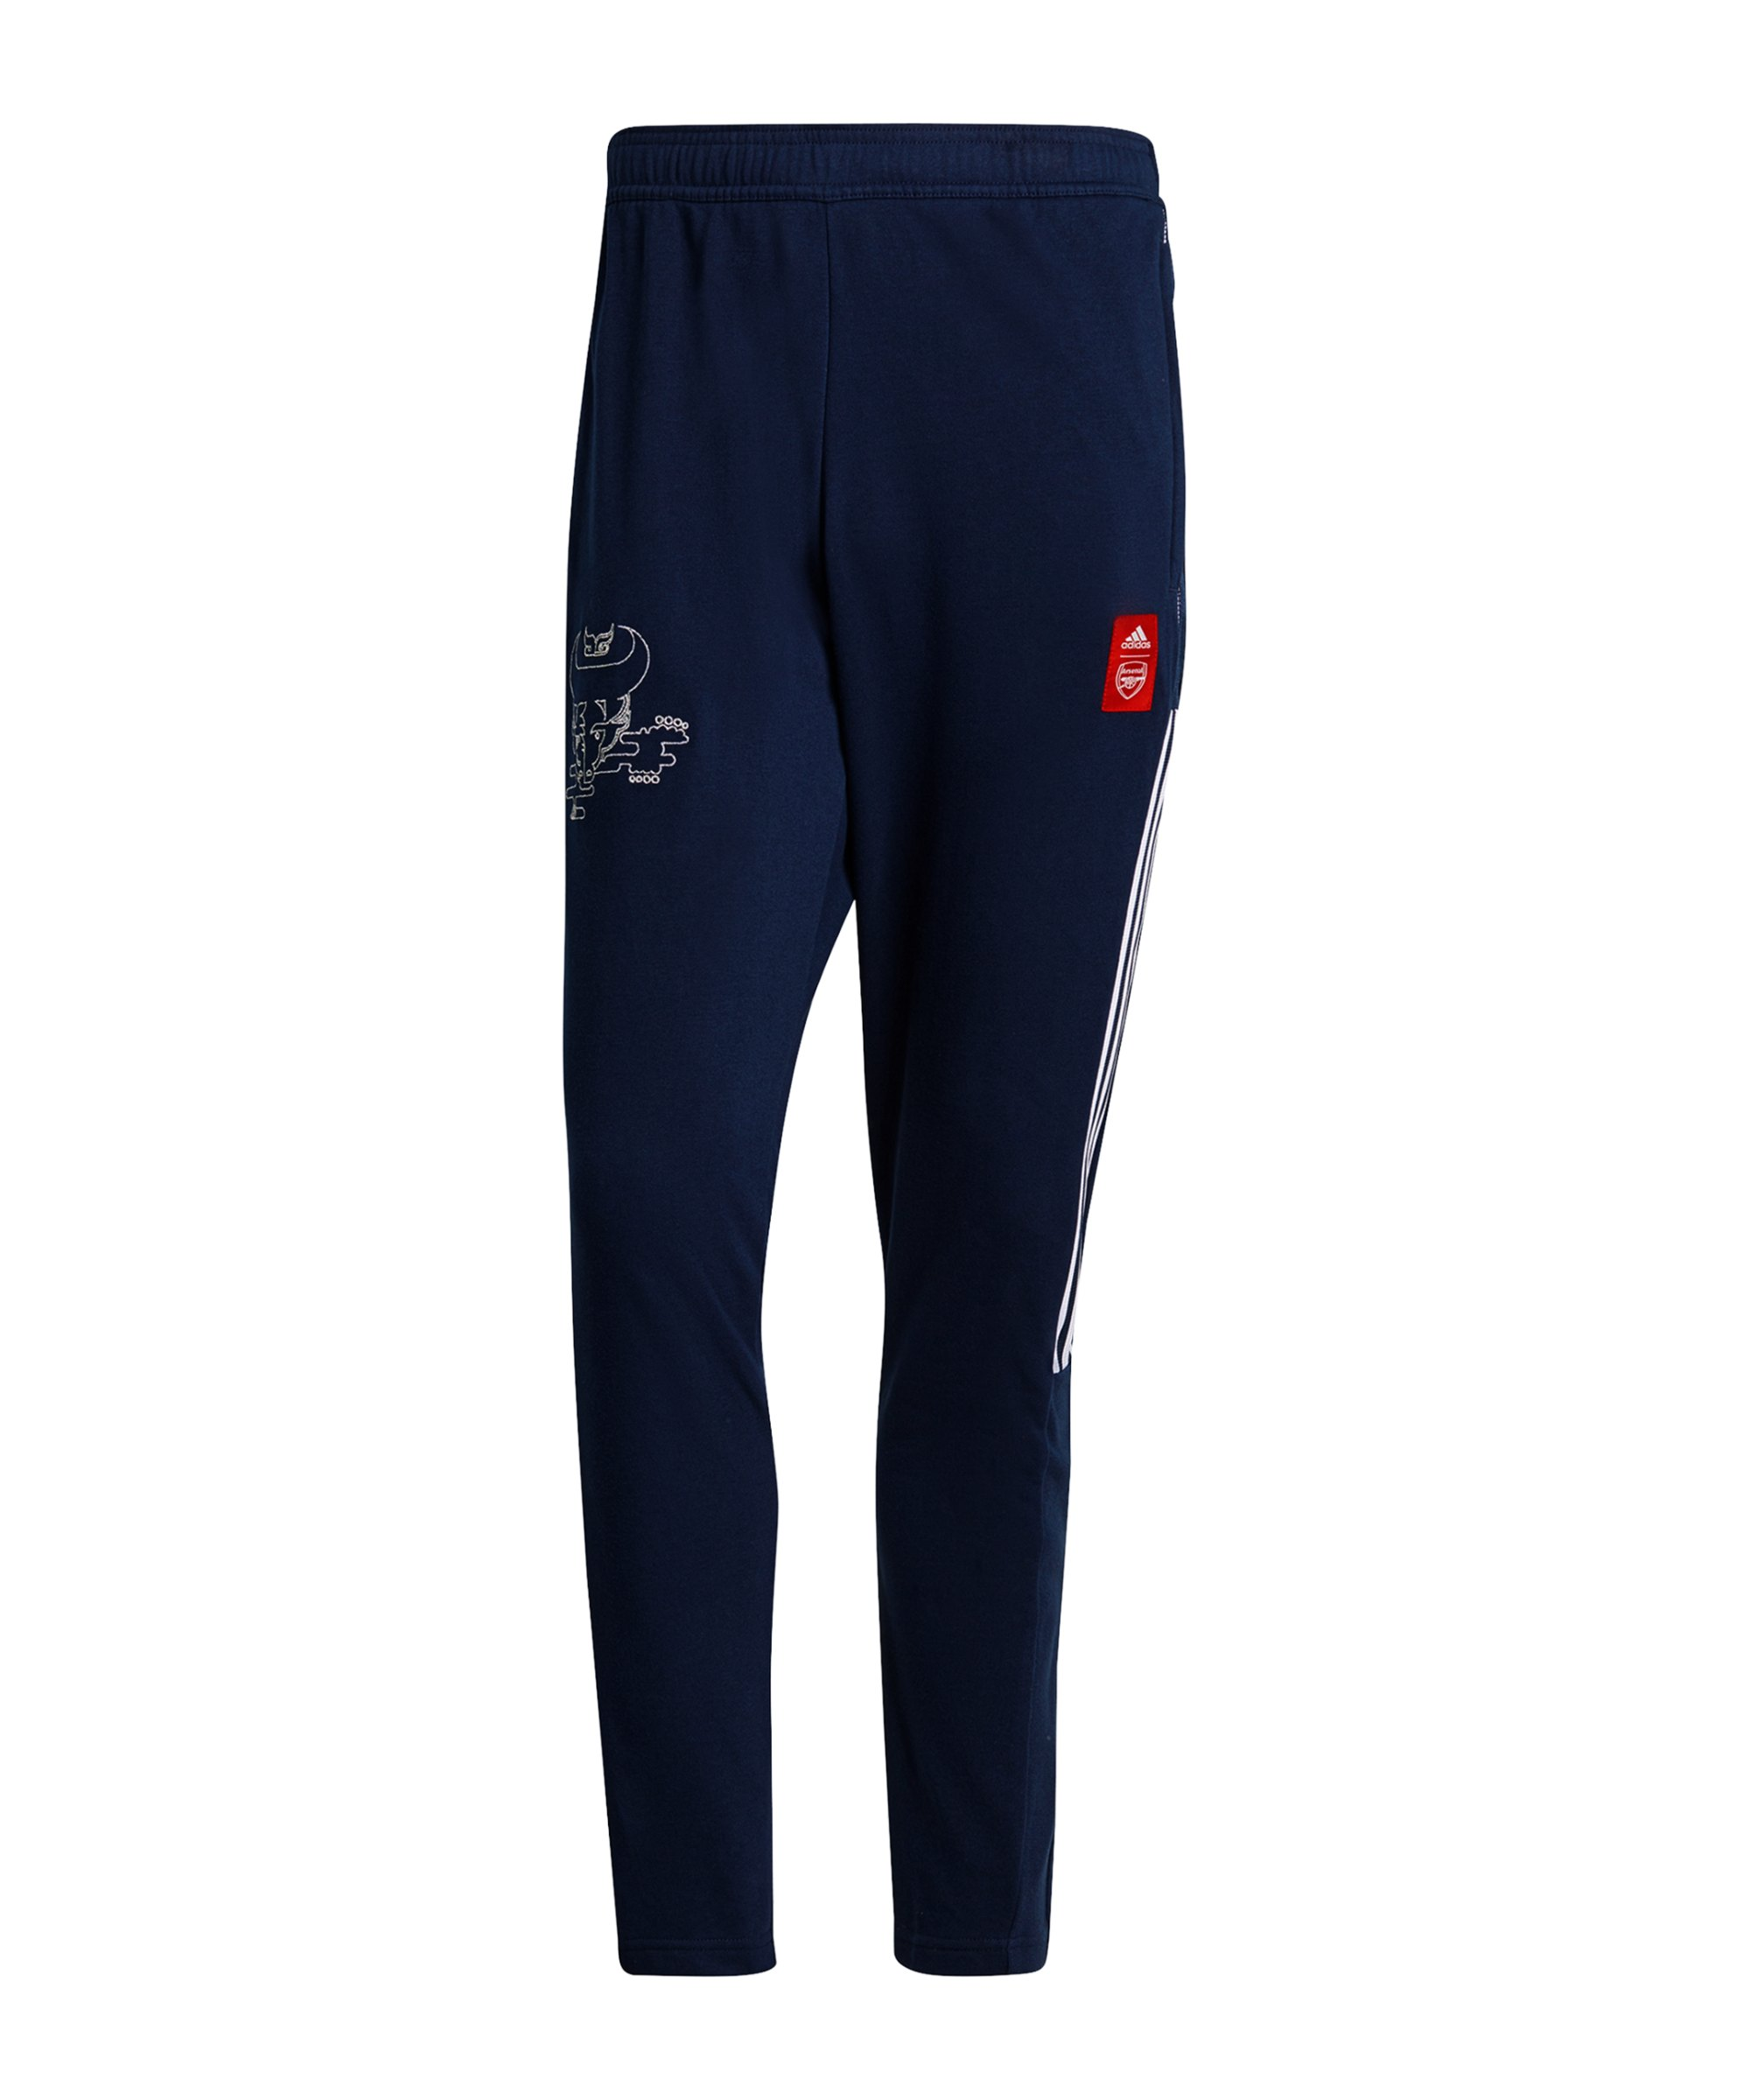 adidas FC Arsenal London CNY Jogginghose Blau - blau